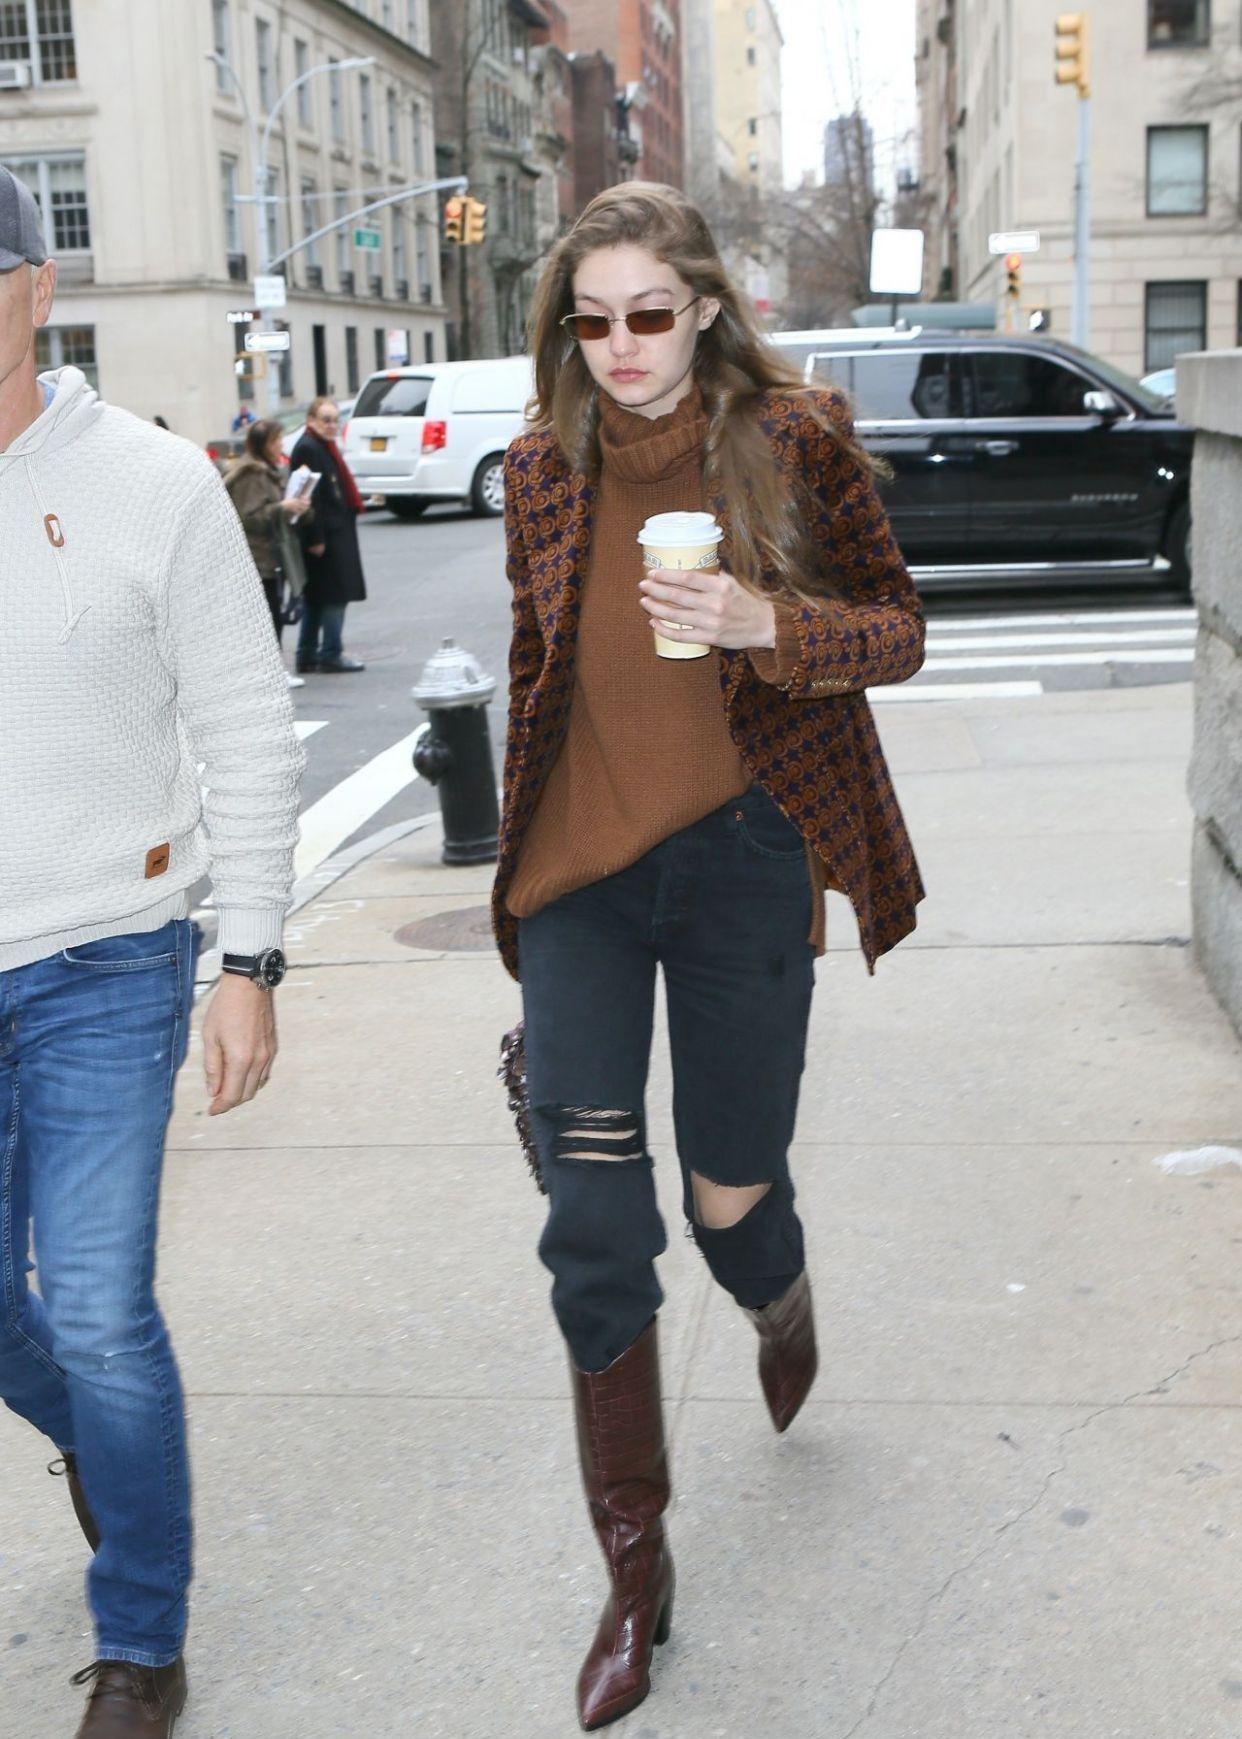 25岁超模Gigi瘦了,破洞裤大秀长腿,混搭风太帅了!